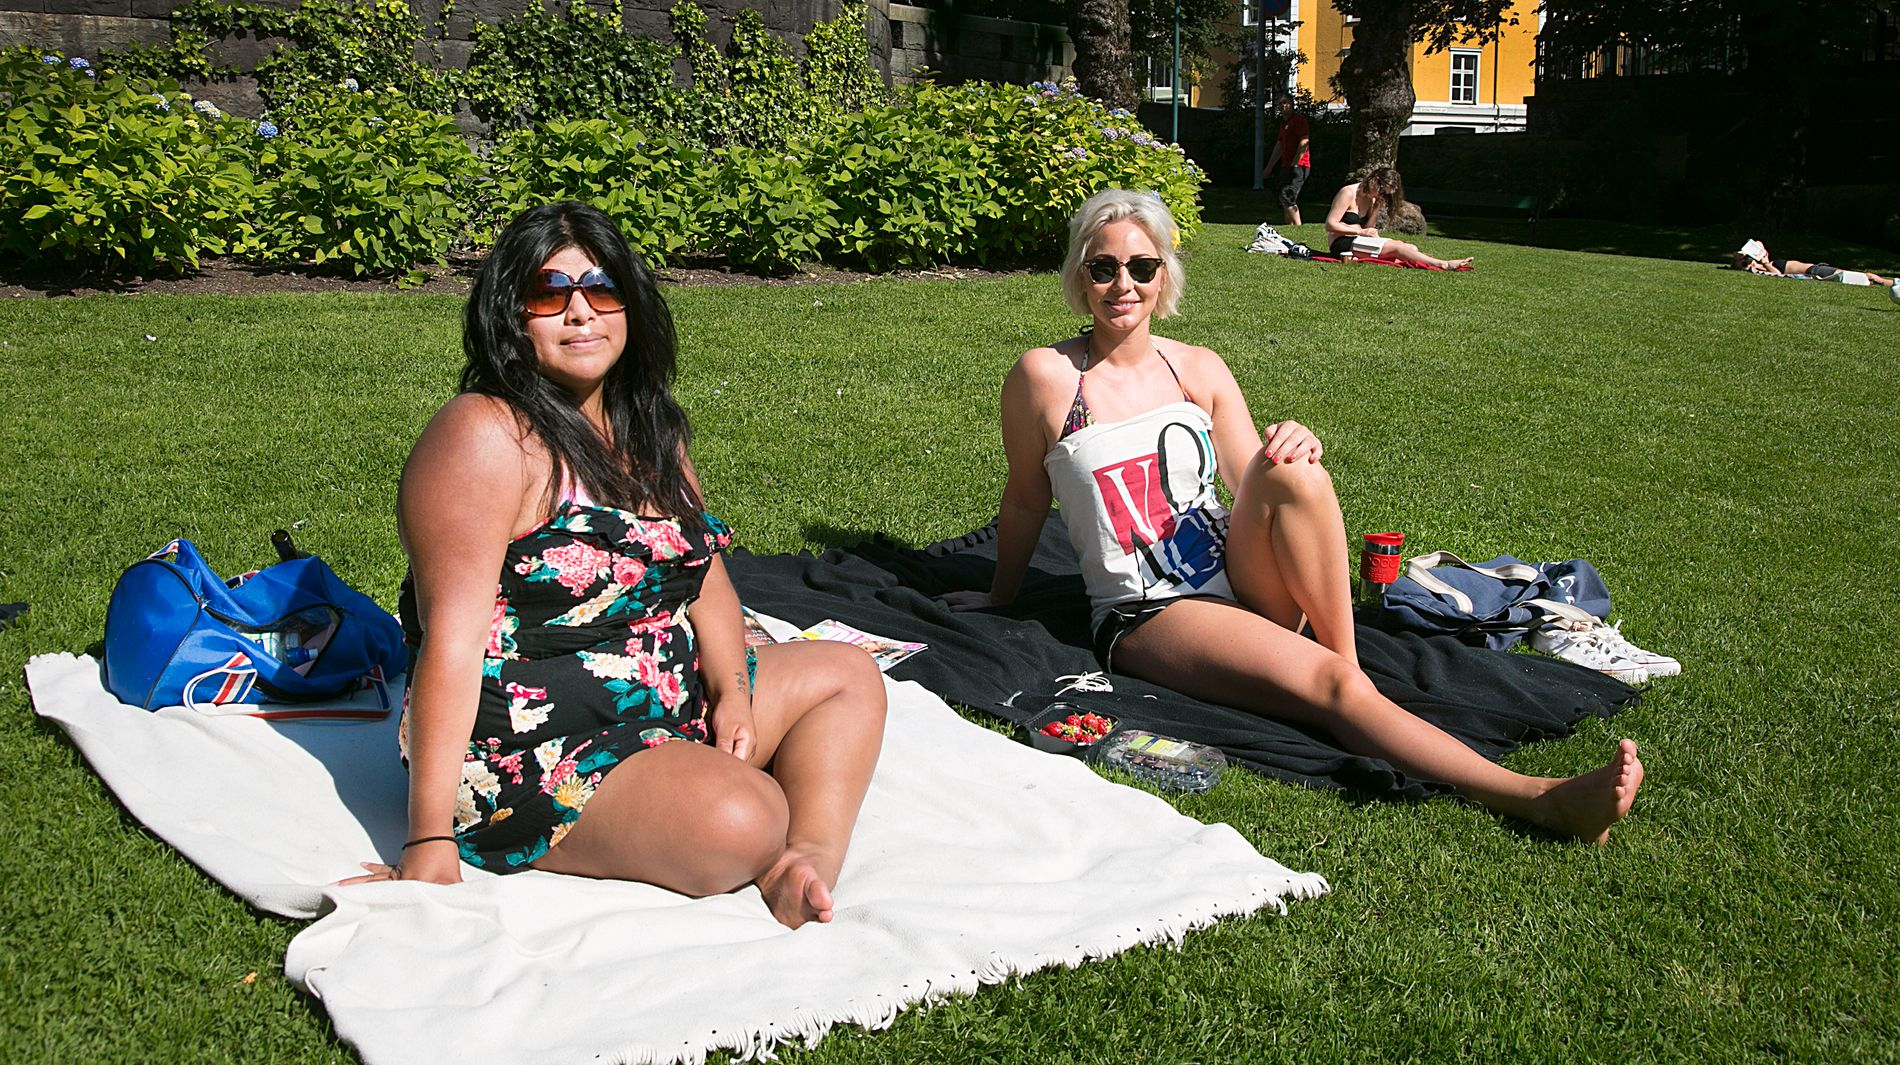 NYTER: Rut Lillestøl og Henriette Hauge tar seg gjerne et glass vin i parken selv om det ikke er lovlig. - Så lenge man ikke bråker sier ikke politiet noe, sier Hauge.